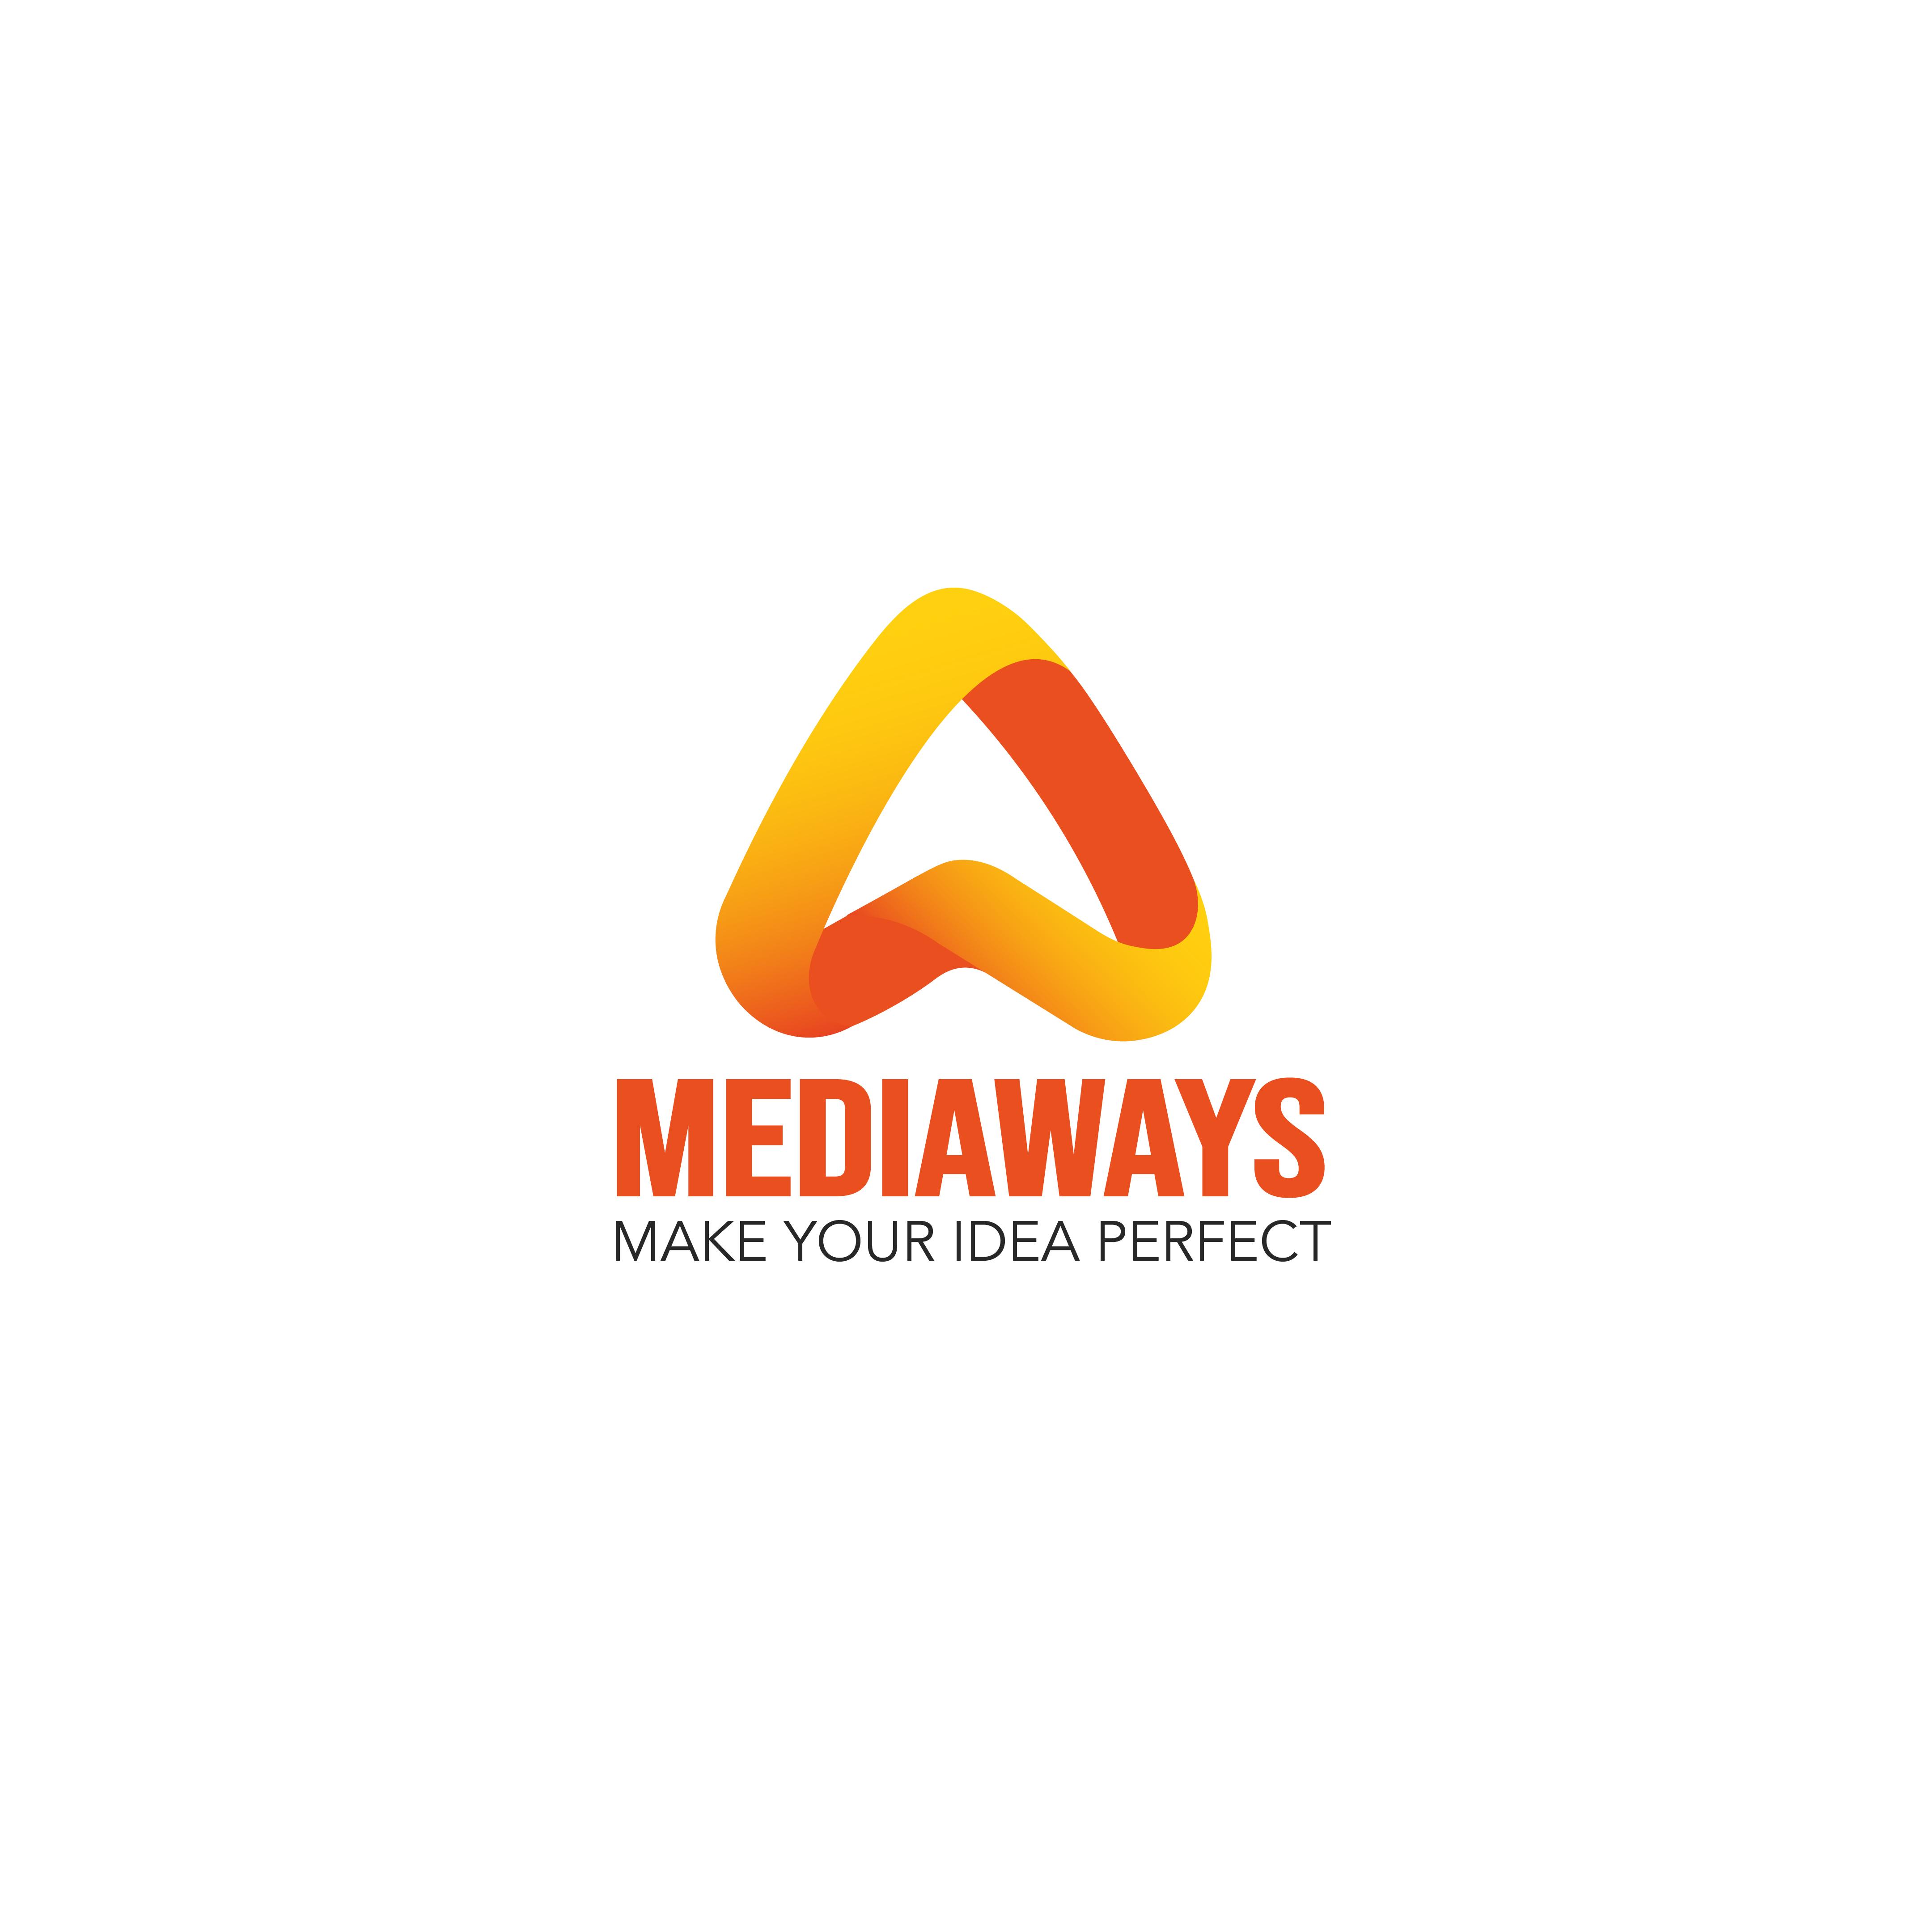 Mediaways